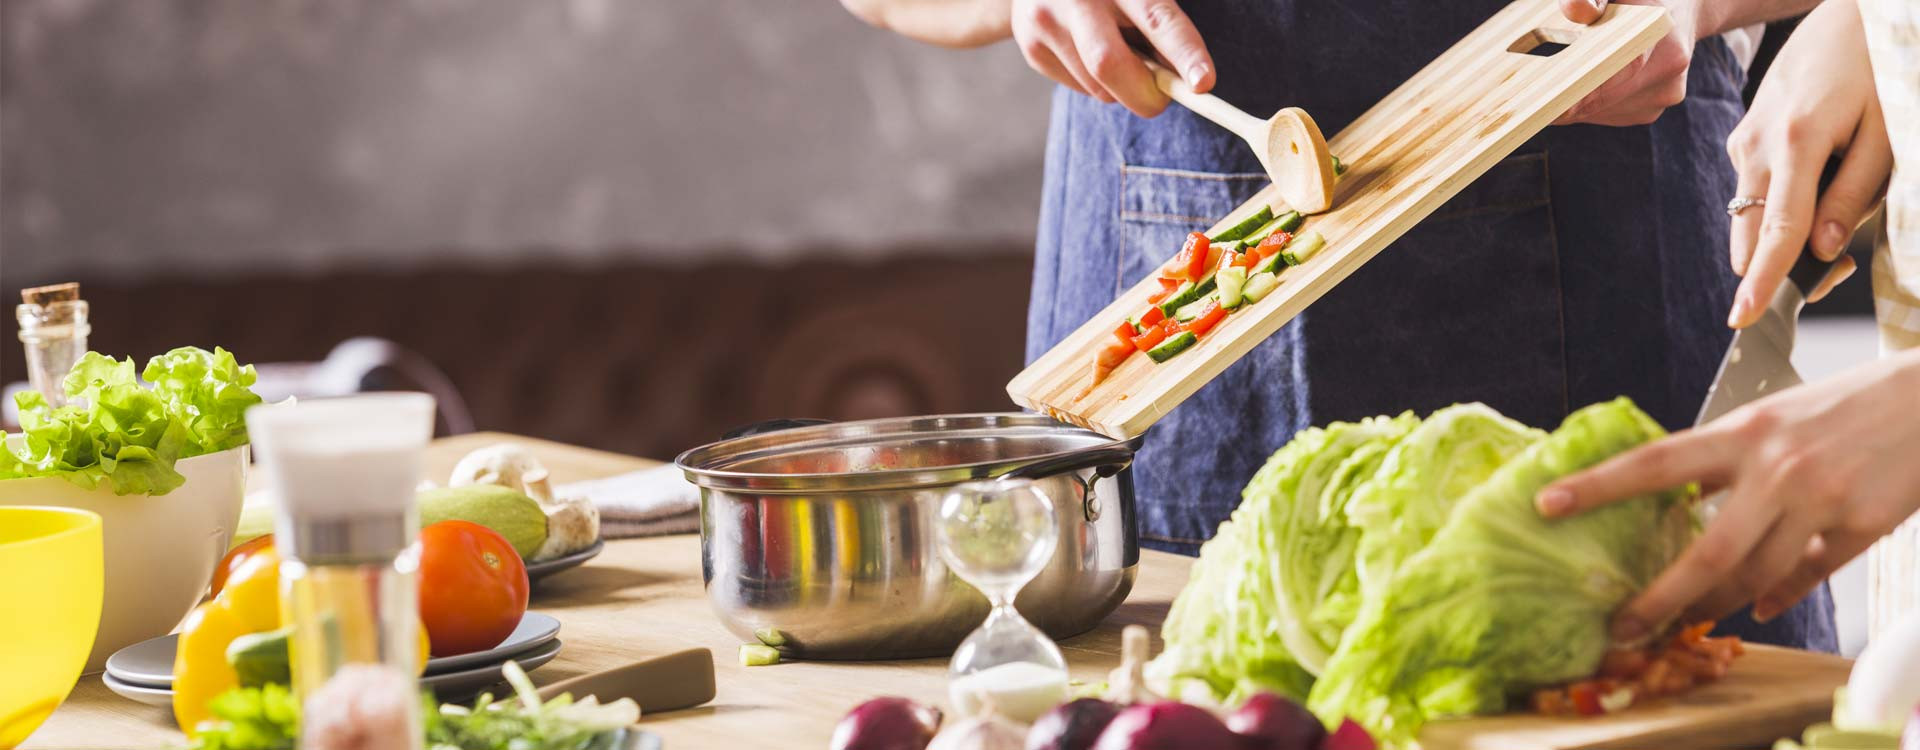 Najbardziej przydatne naczynia kuchenne, część 3: Garnek z durszlakiem